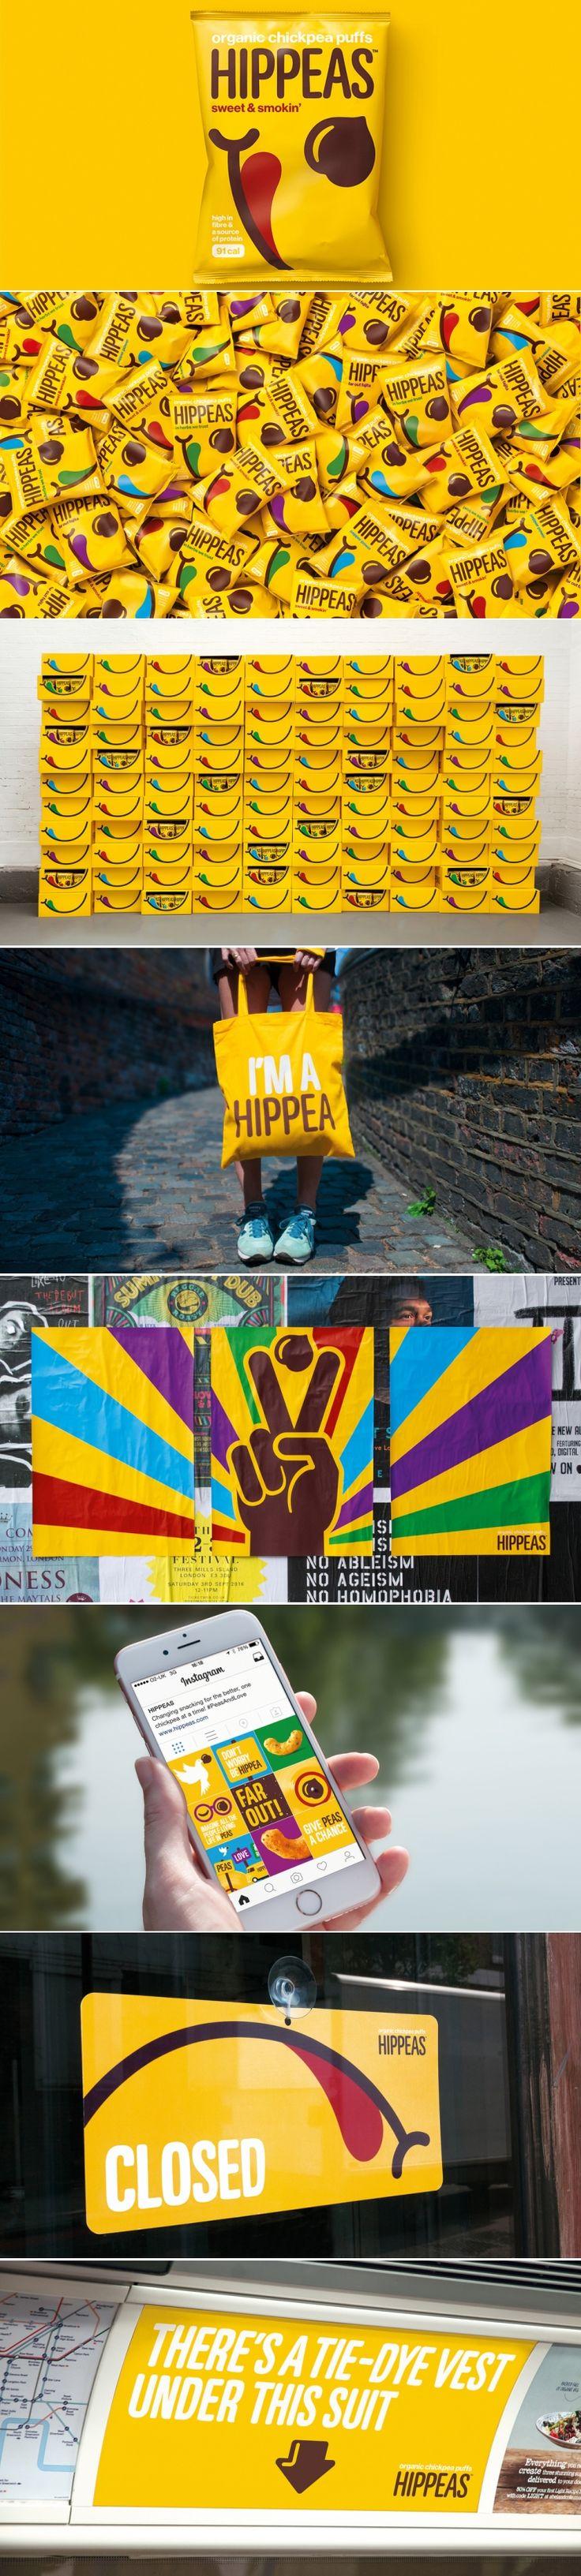 HIPPEAS — The Dieline - Branding & Packaging Design